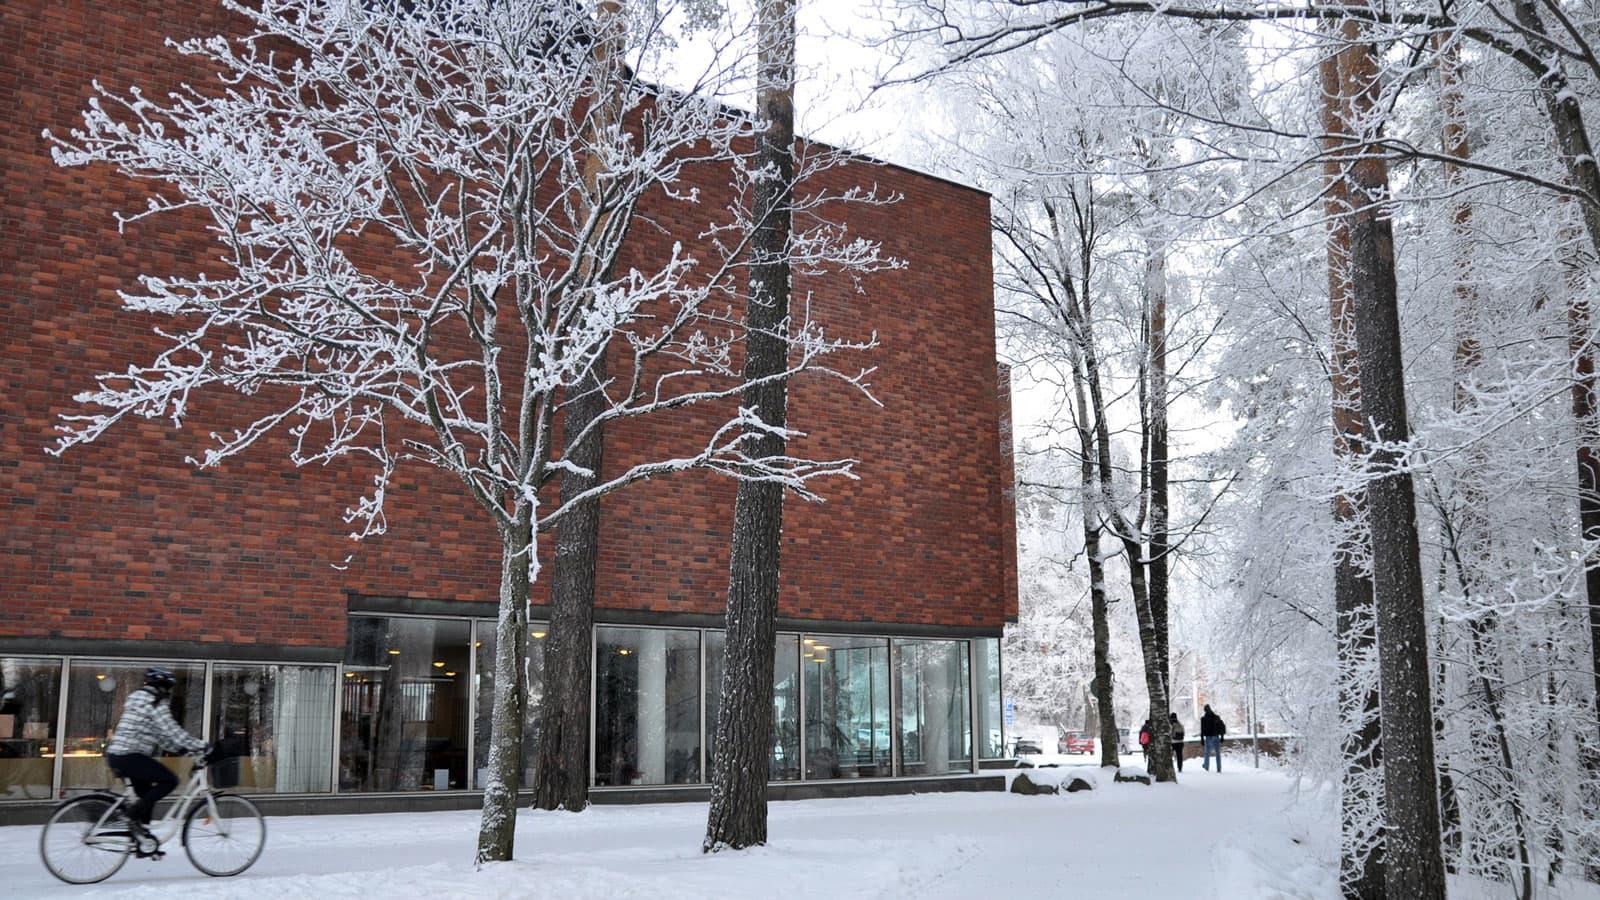 University of Jyväskylä building in winter.